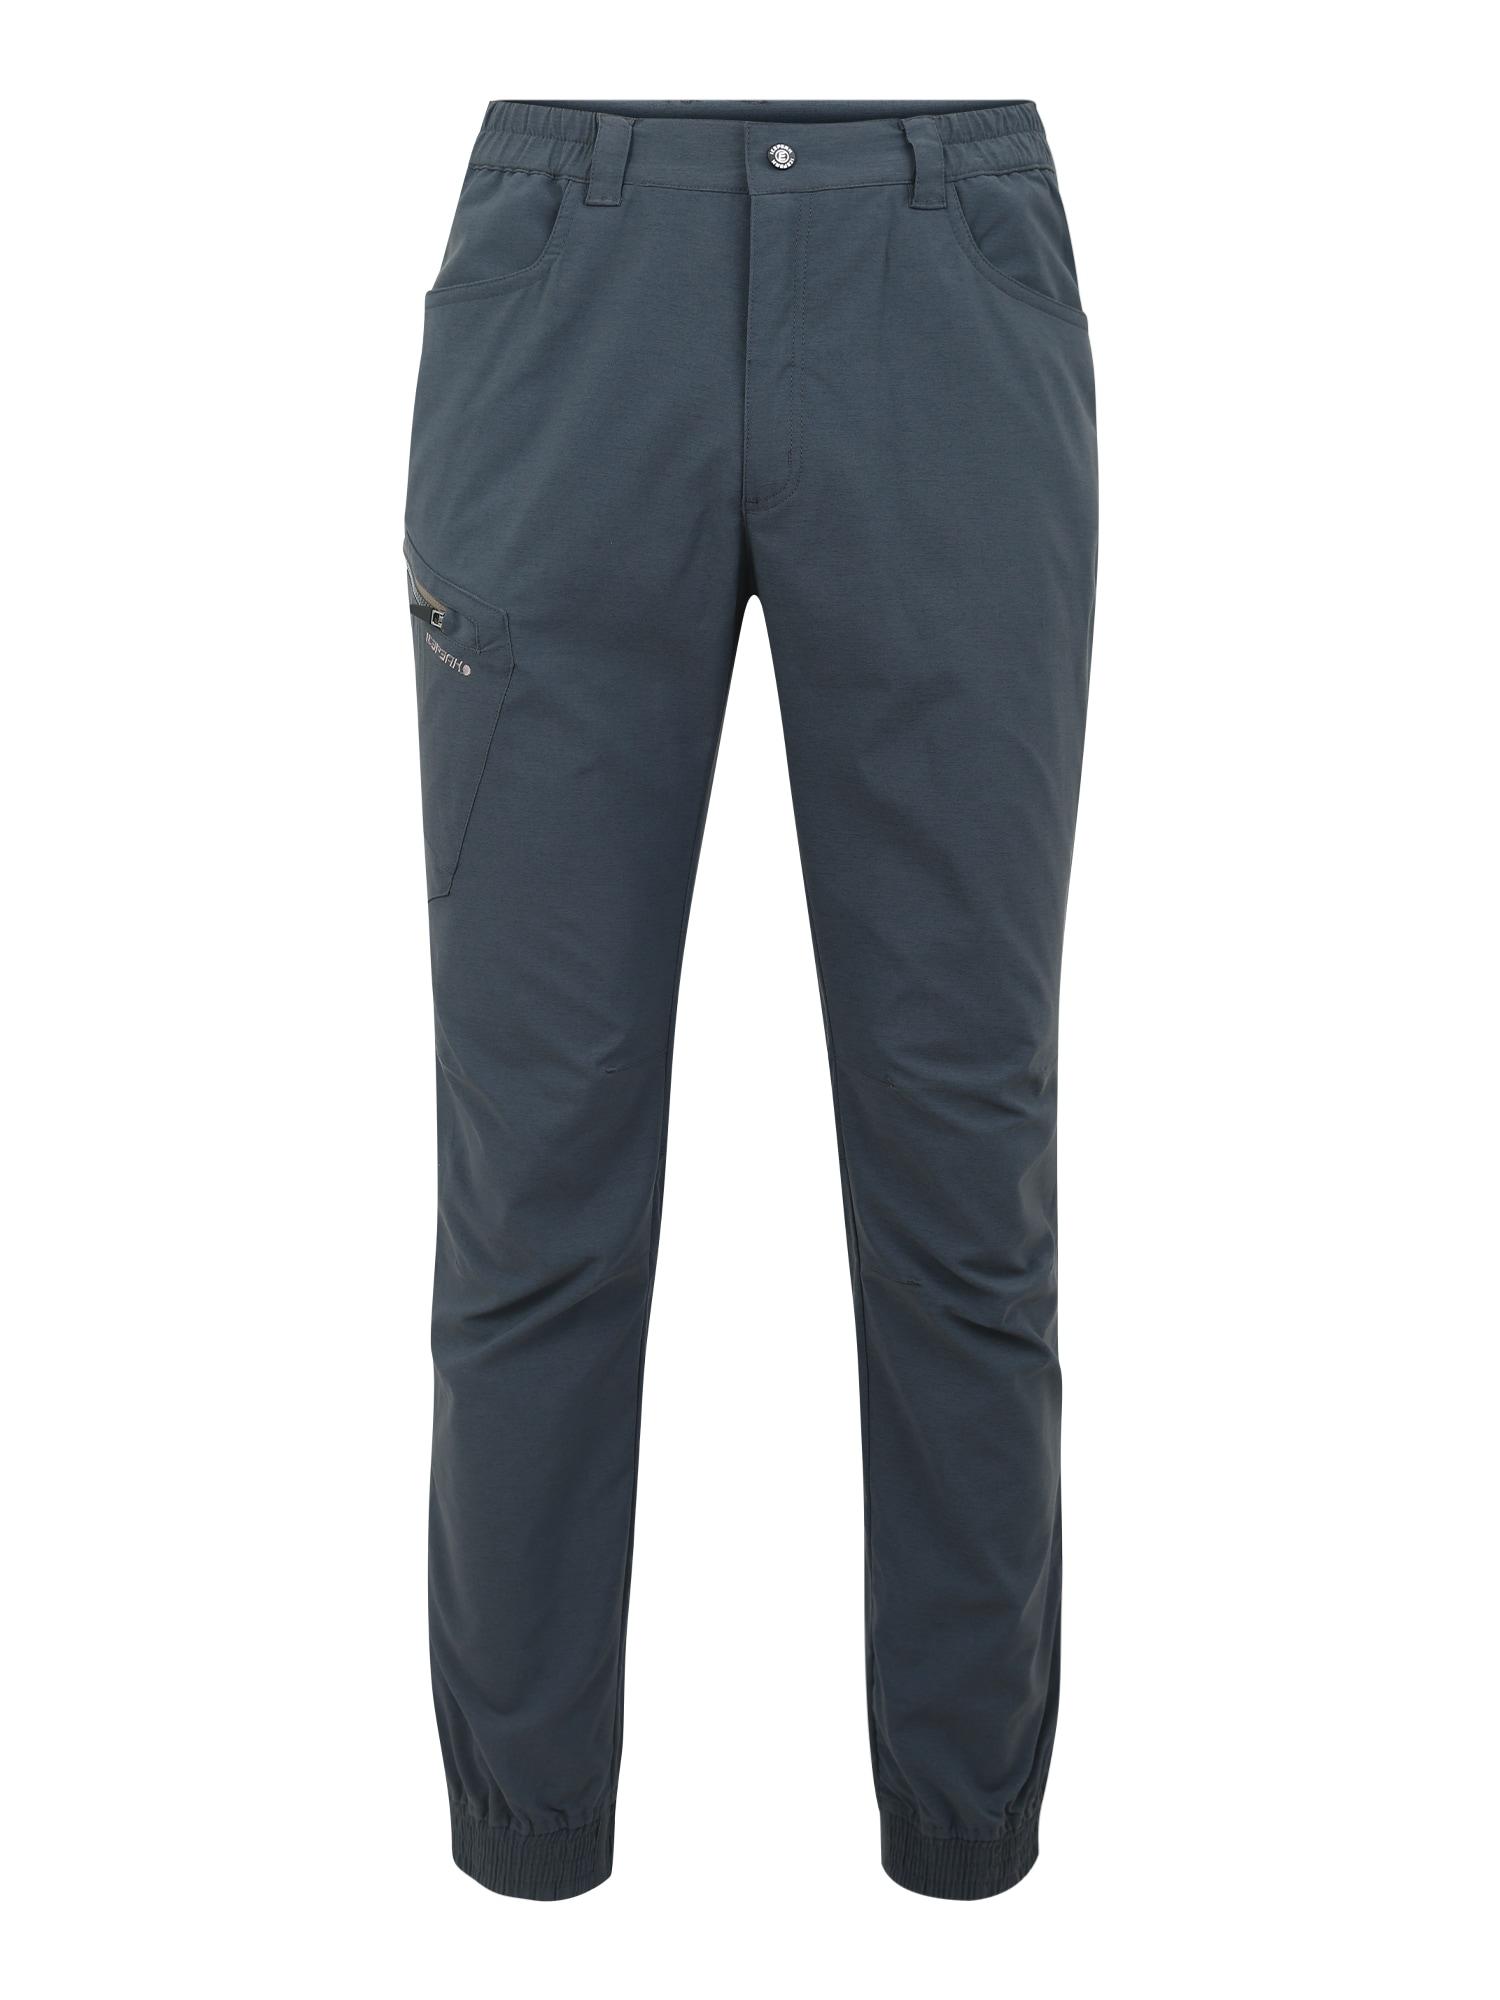 Sportovní kalhoty SEPI tmavě šedá ICEPEAK